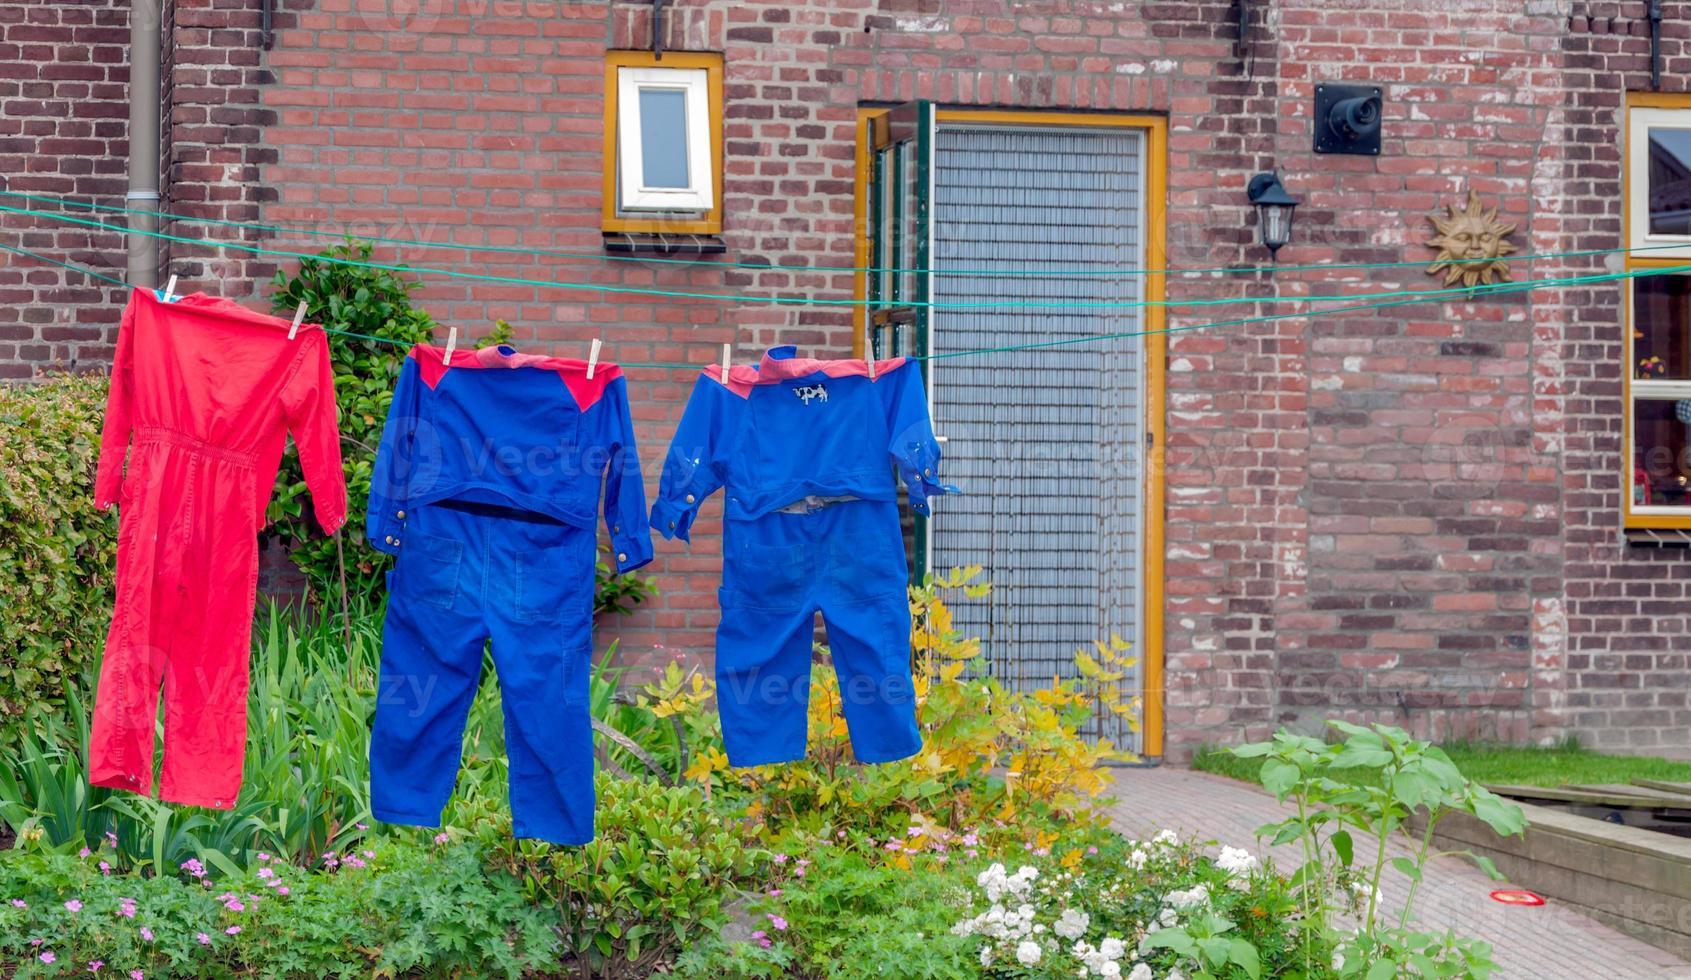 färgglada overaller på en gårds klädstreck foto